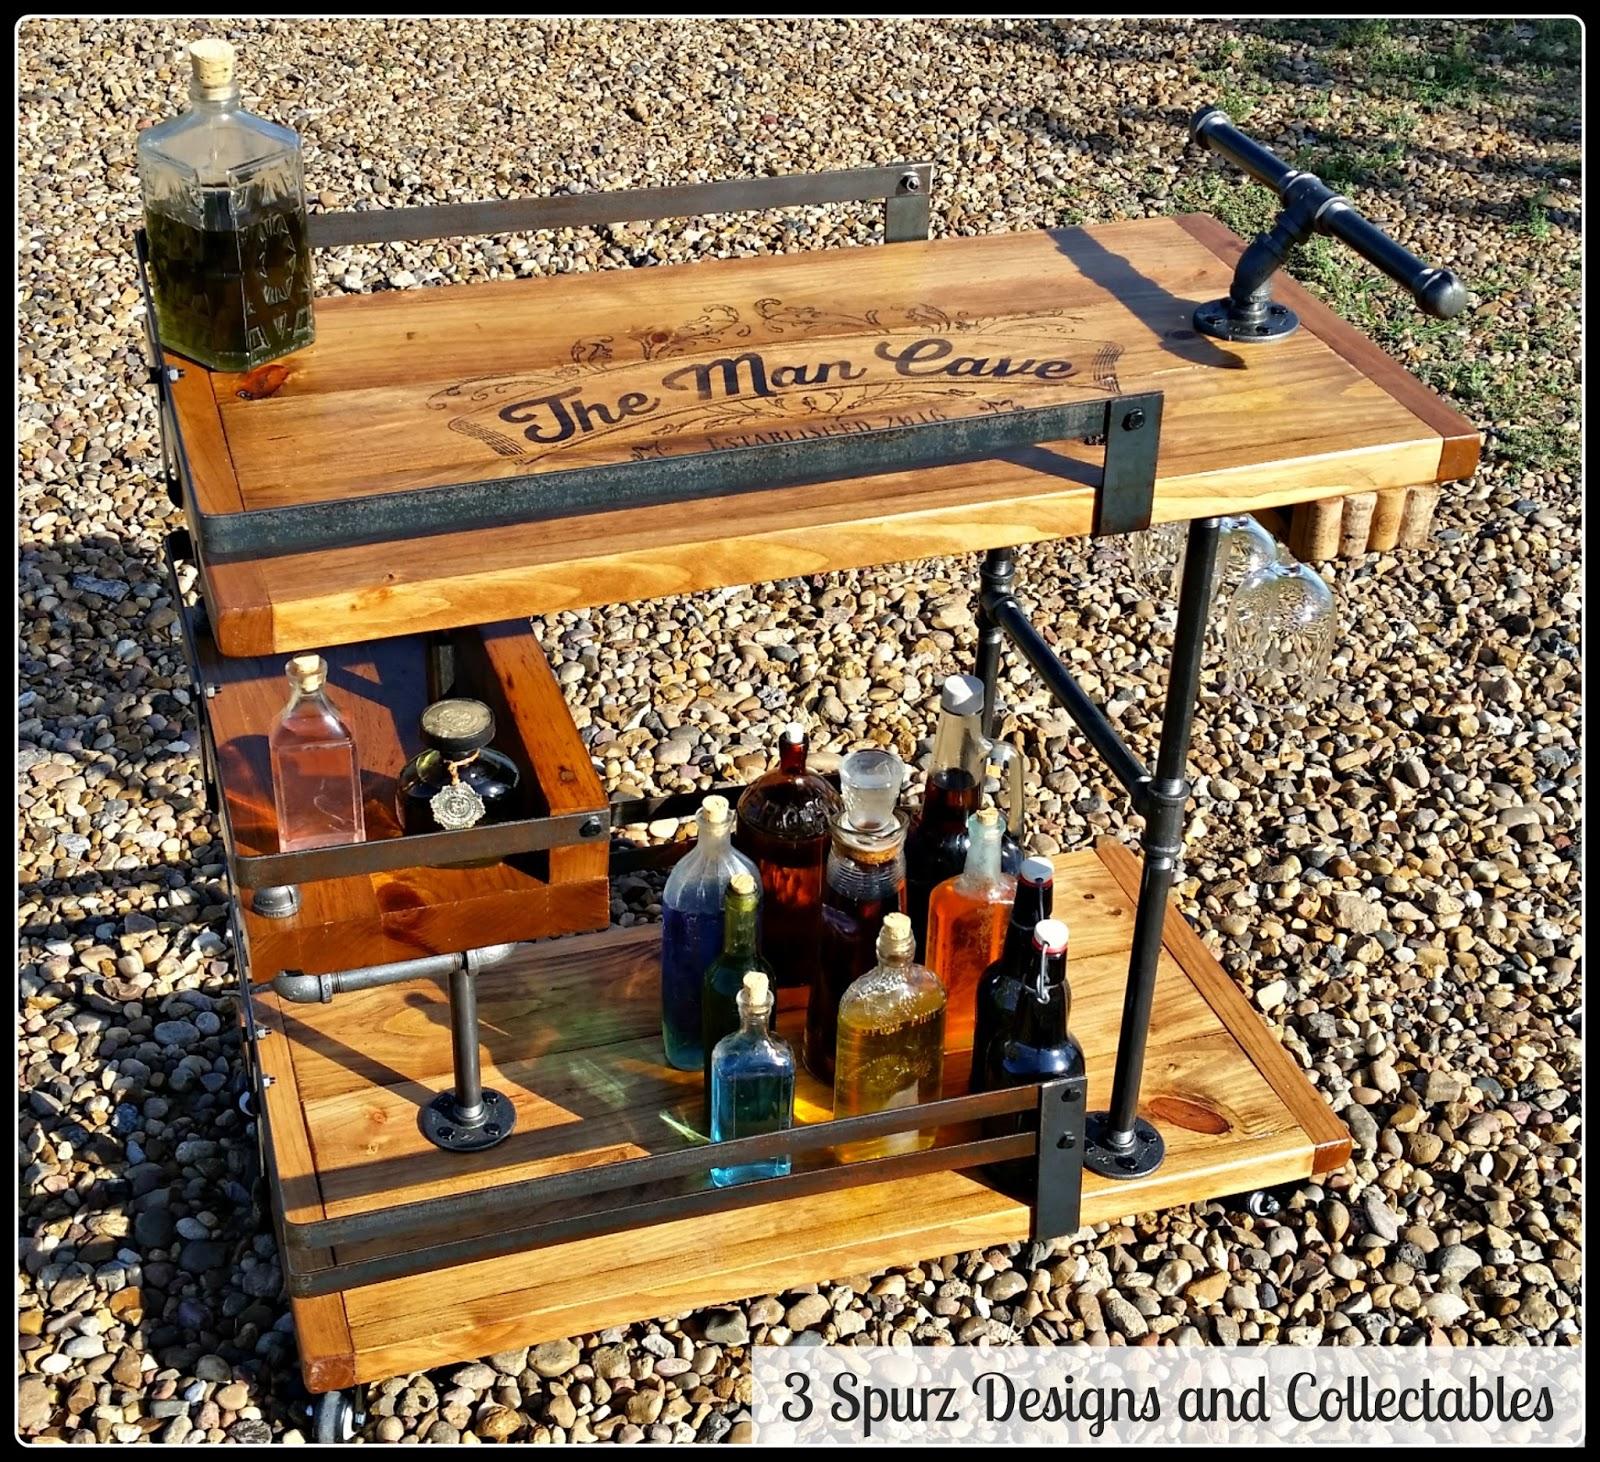 Man Cave Bar Cart : Spurz dandc repurposed refurbished creations